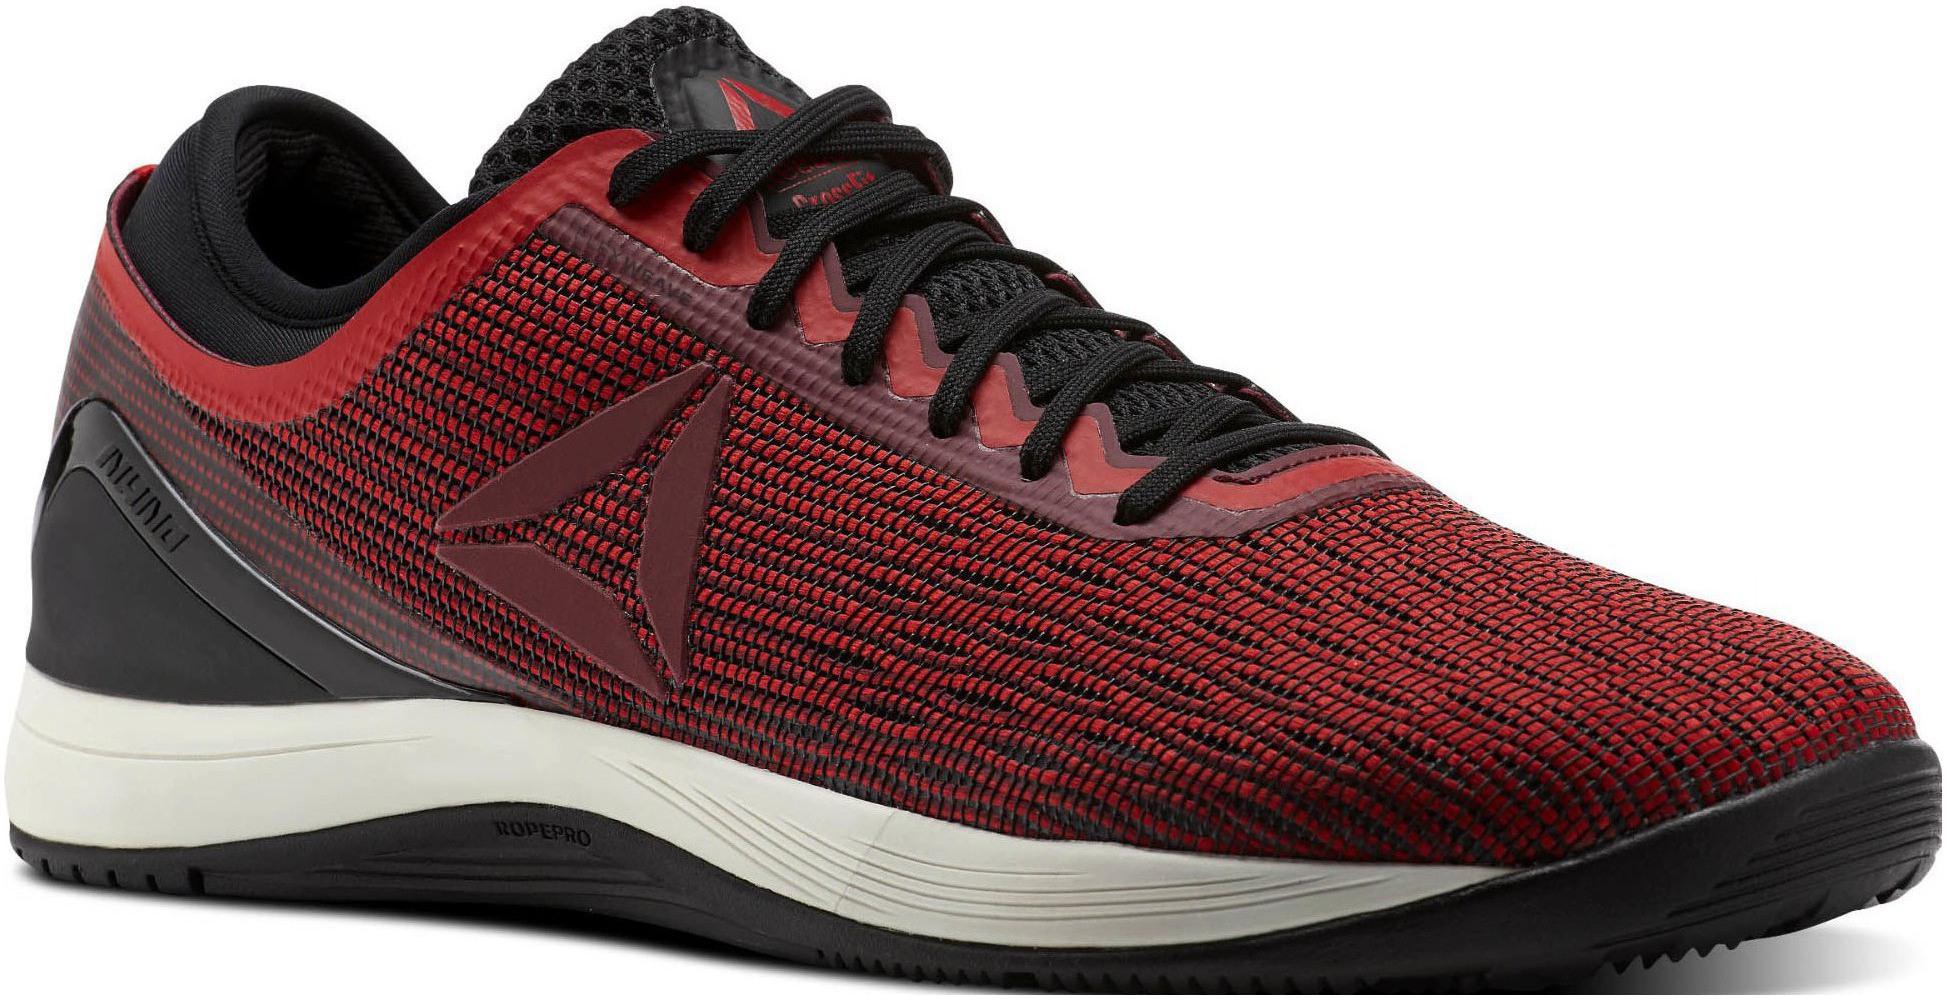 Pánské boty na CrossFit Reebok R CROSSFIT NANO 8.0 červené  2cc3b9c622b